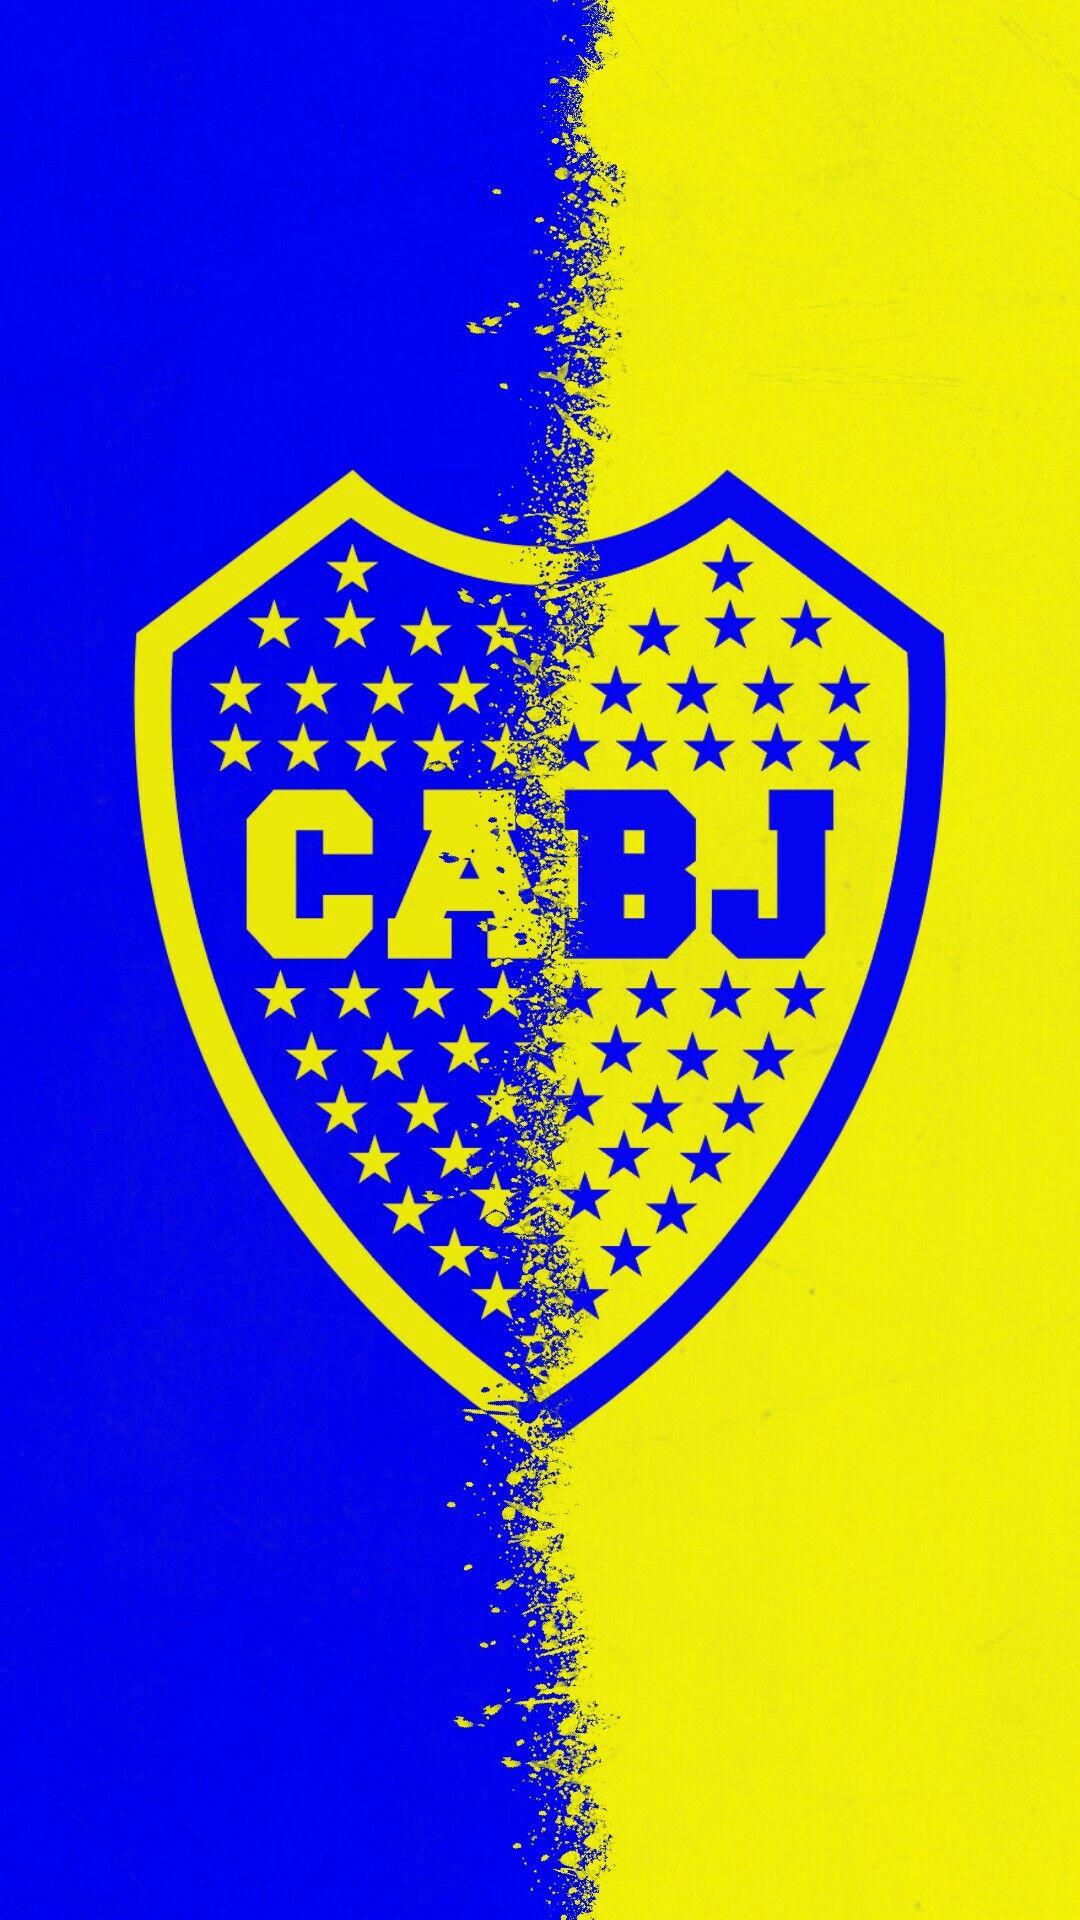 Escudo Boca Juniors | Boca juniors, Escudo de boca juniors, Boca ...